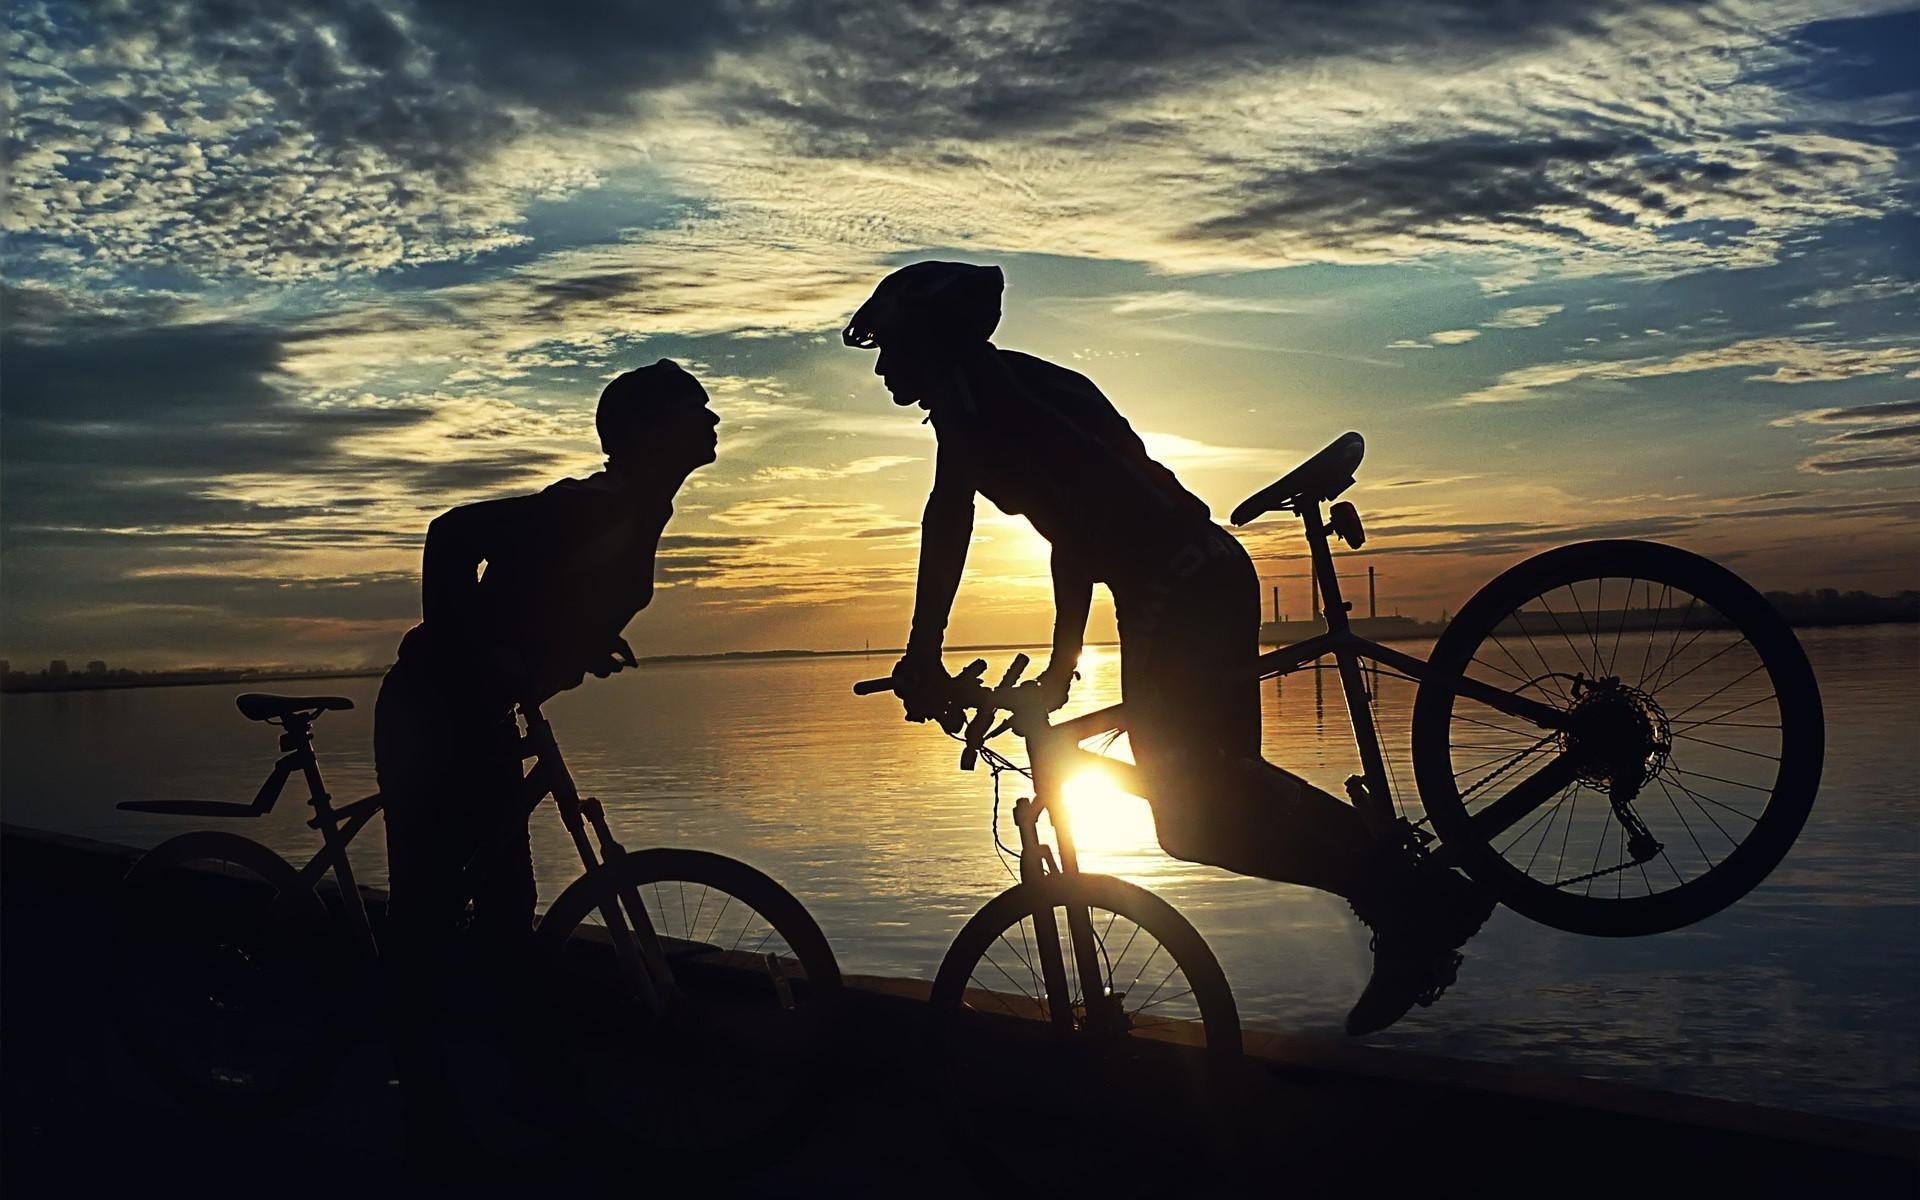 Картинки на велосипеде красивые